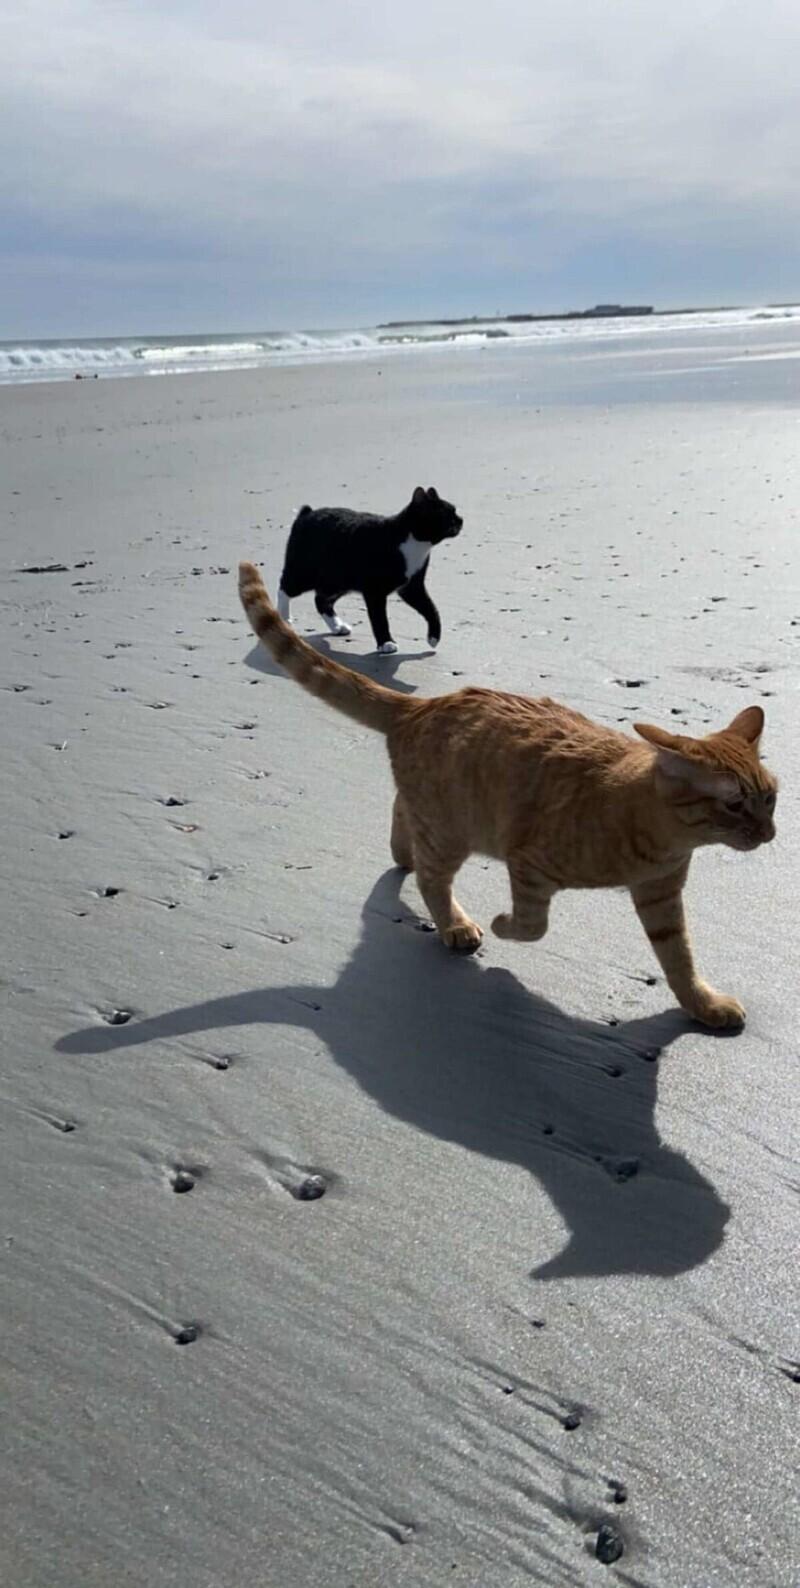 Недавно семья решила взять котов с собой на пляж, и сначала всё шло прекрасно